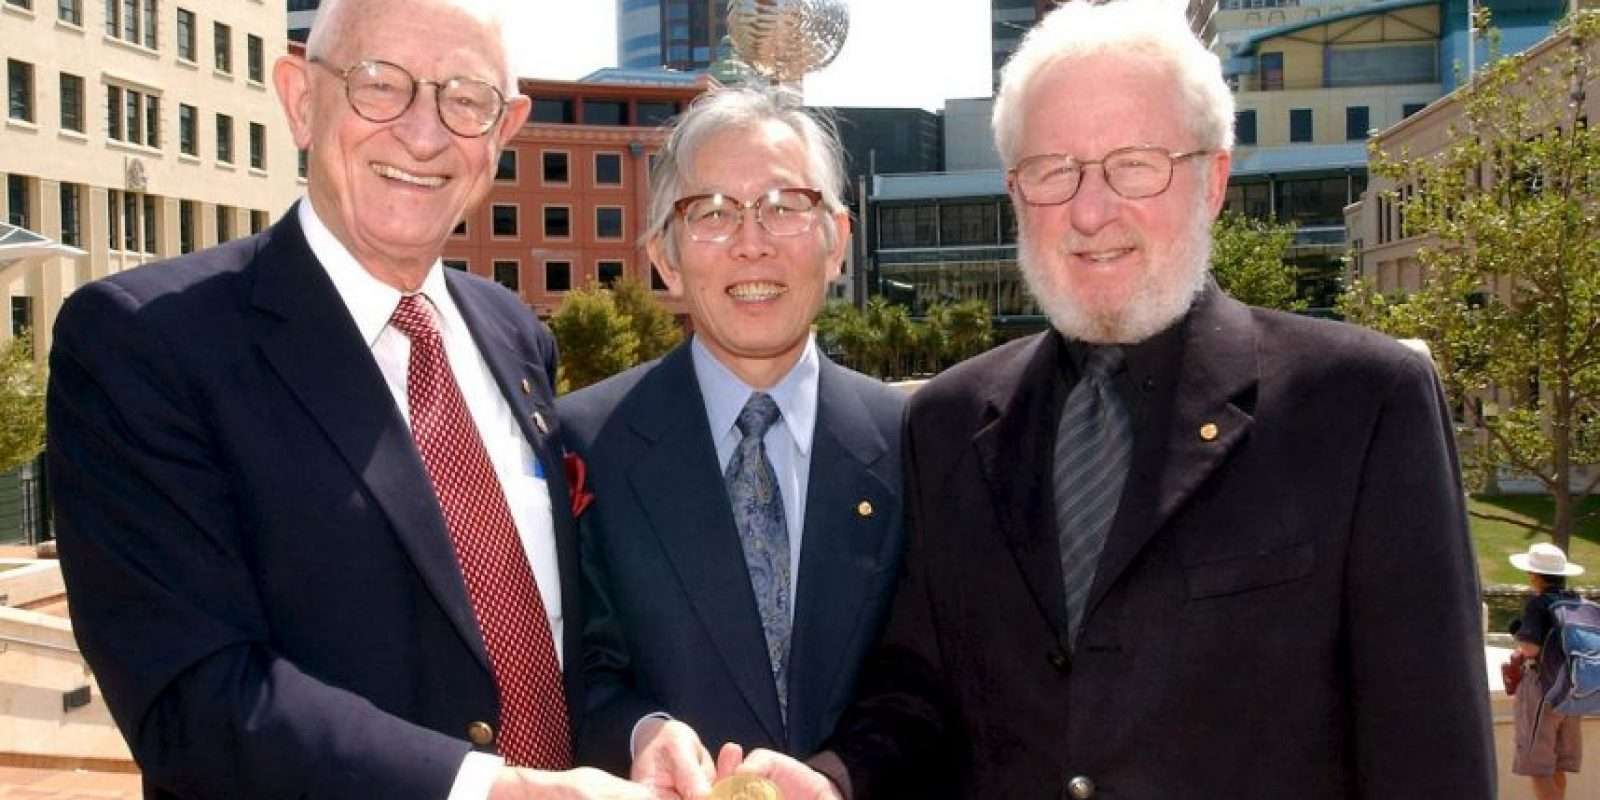 Ganadores del Premio Nobel de la Paz, el doctor Alan MacDiarmid (izq), el doctor Hidecki Shiratawa (centro) y el doctor Alan Heeger (der) , en 2003. Foto:Getty Images